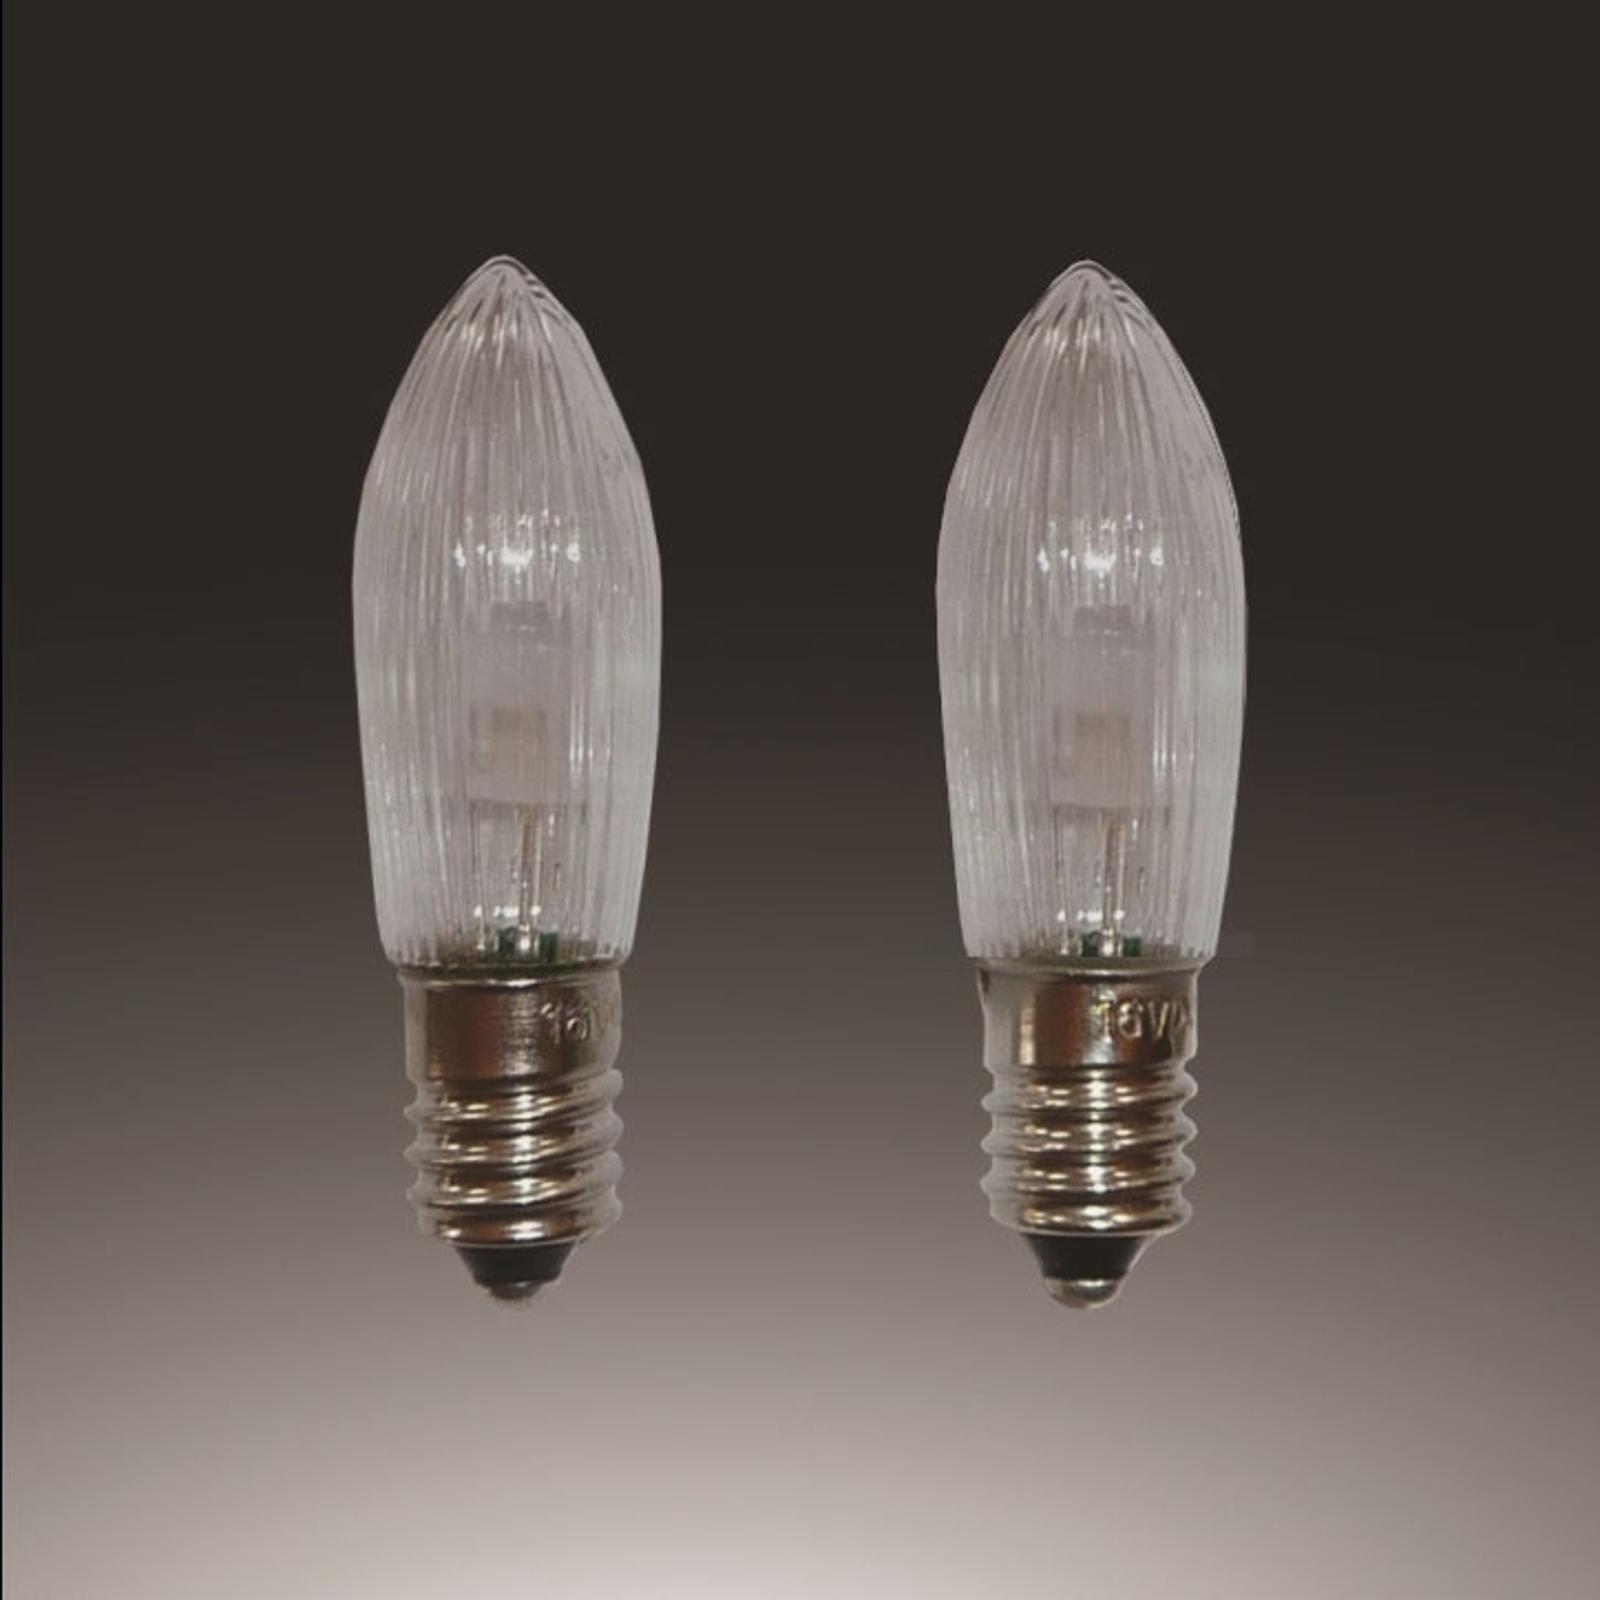 E10 0,1W 12V LED reservlampor 3dels pack ljusform